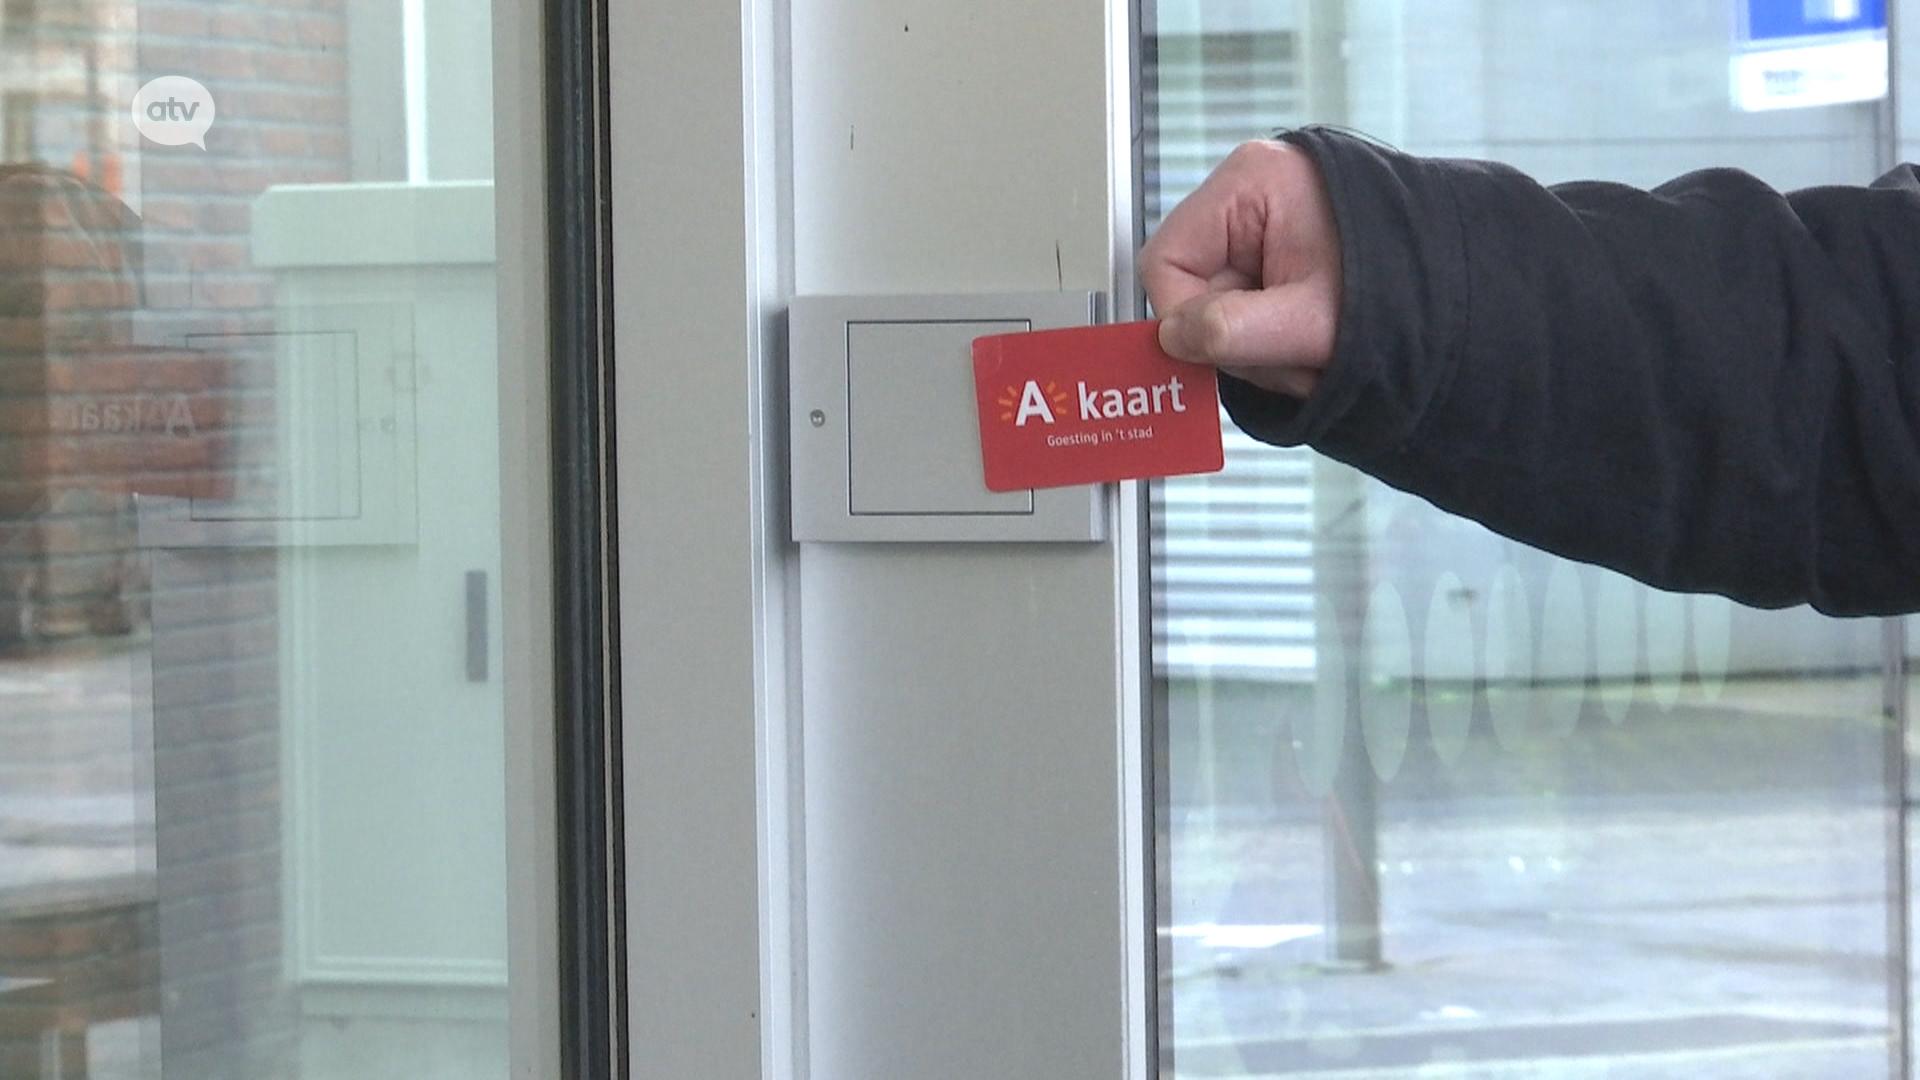 Bibliotheek voortaan ook open zonder personeel